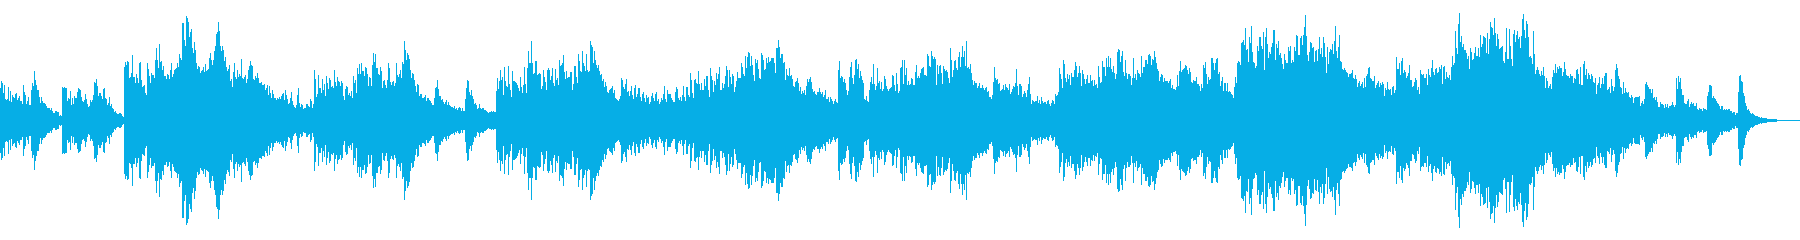 Superluminal Pianoの再生済みの波形